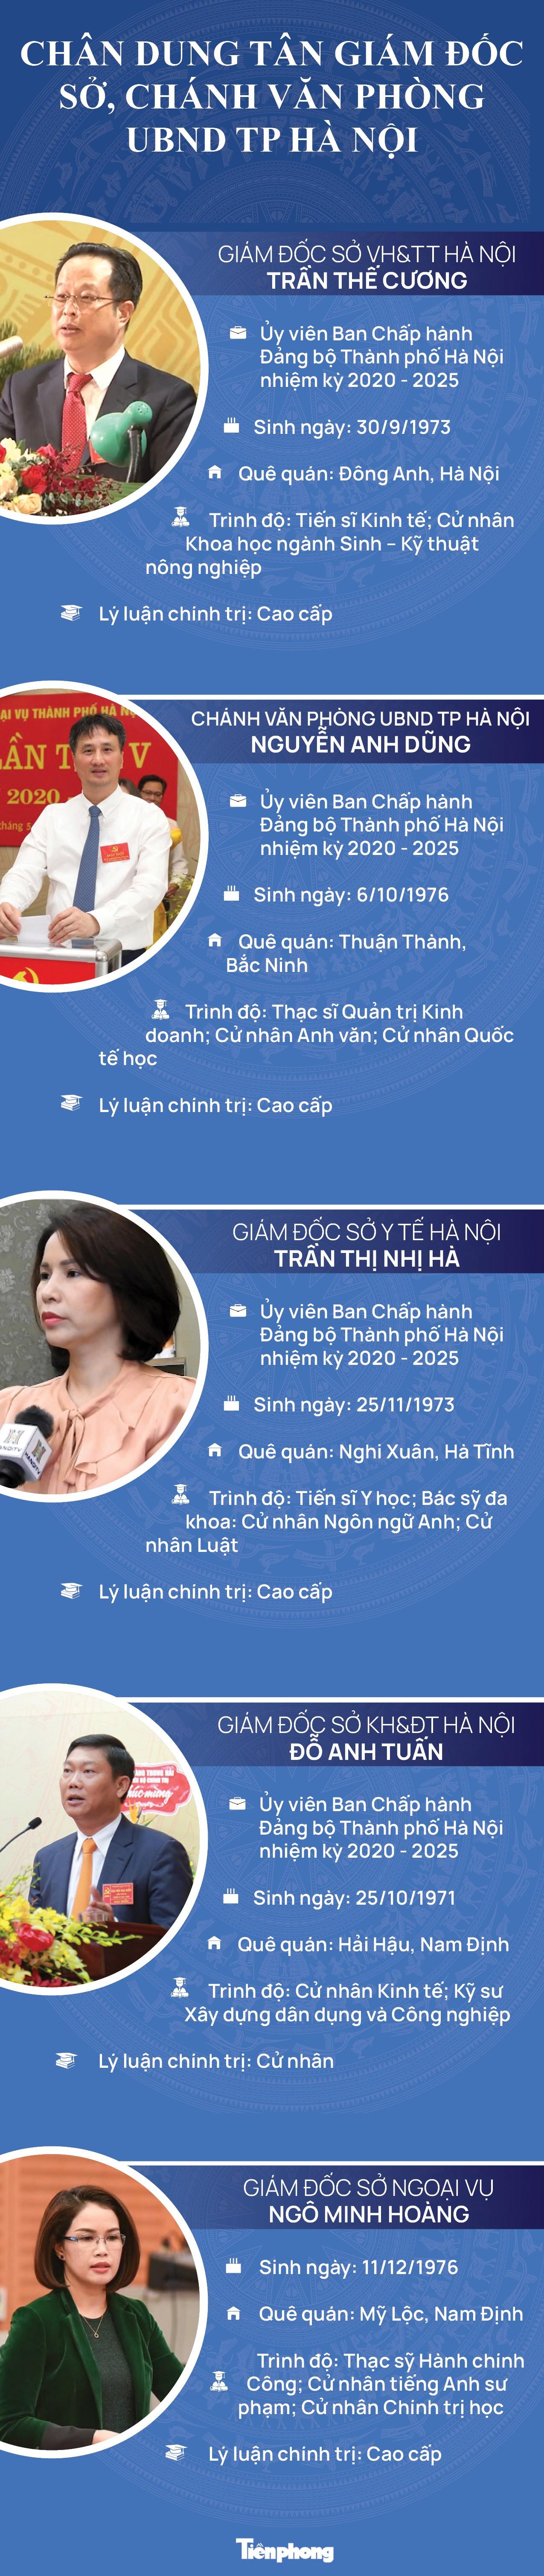 Chân dung tân Giám đốc Sở, Chánh văn phòng UBND TP Hà Nội ảnh 1